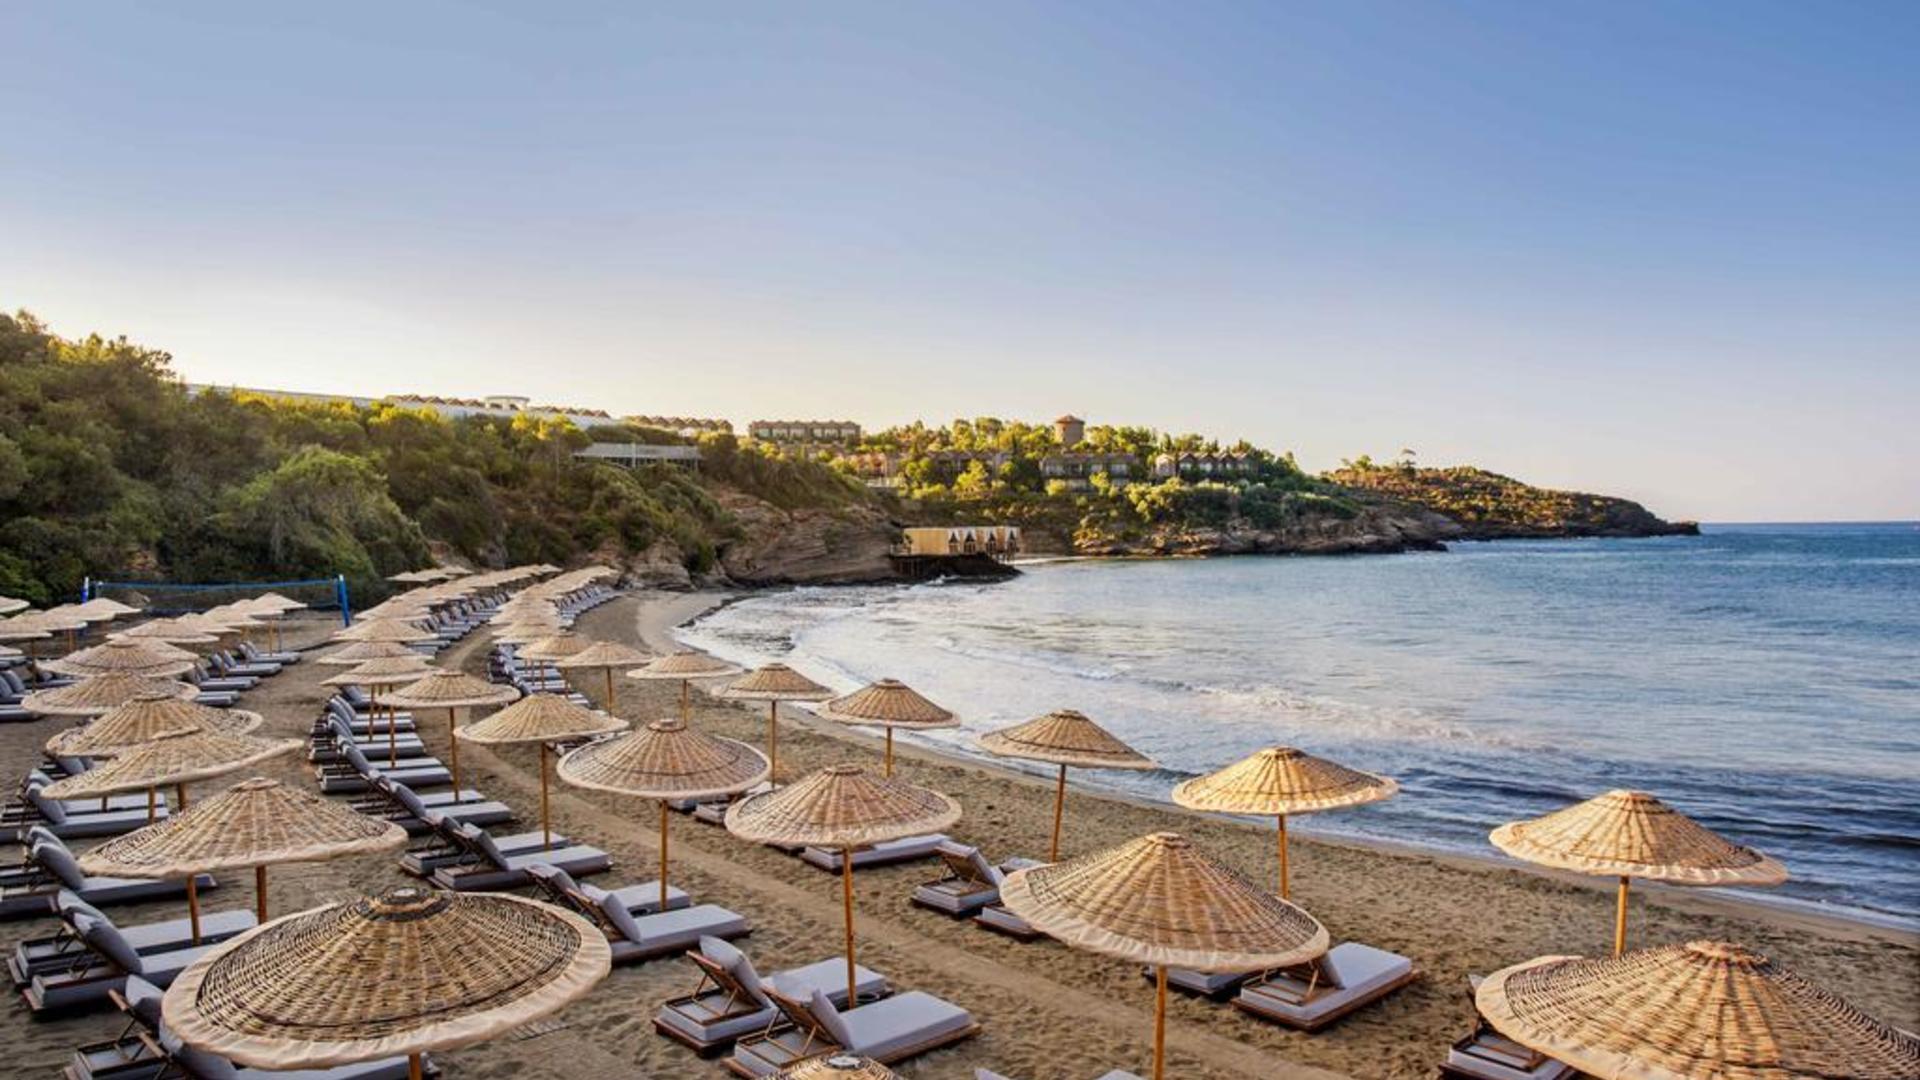 Пляж у отеля Палома Клаб Султан Оздер